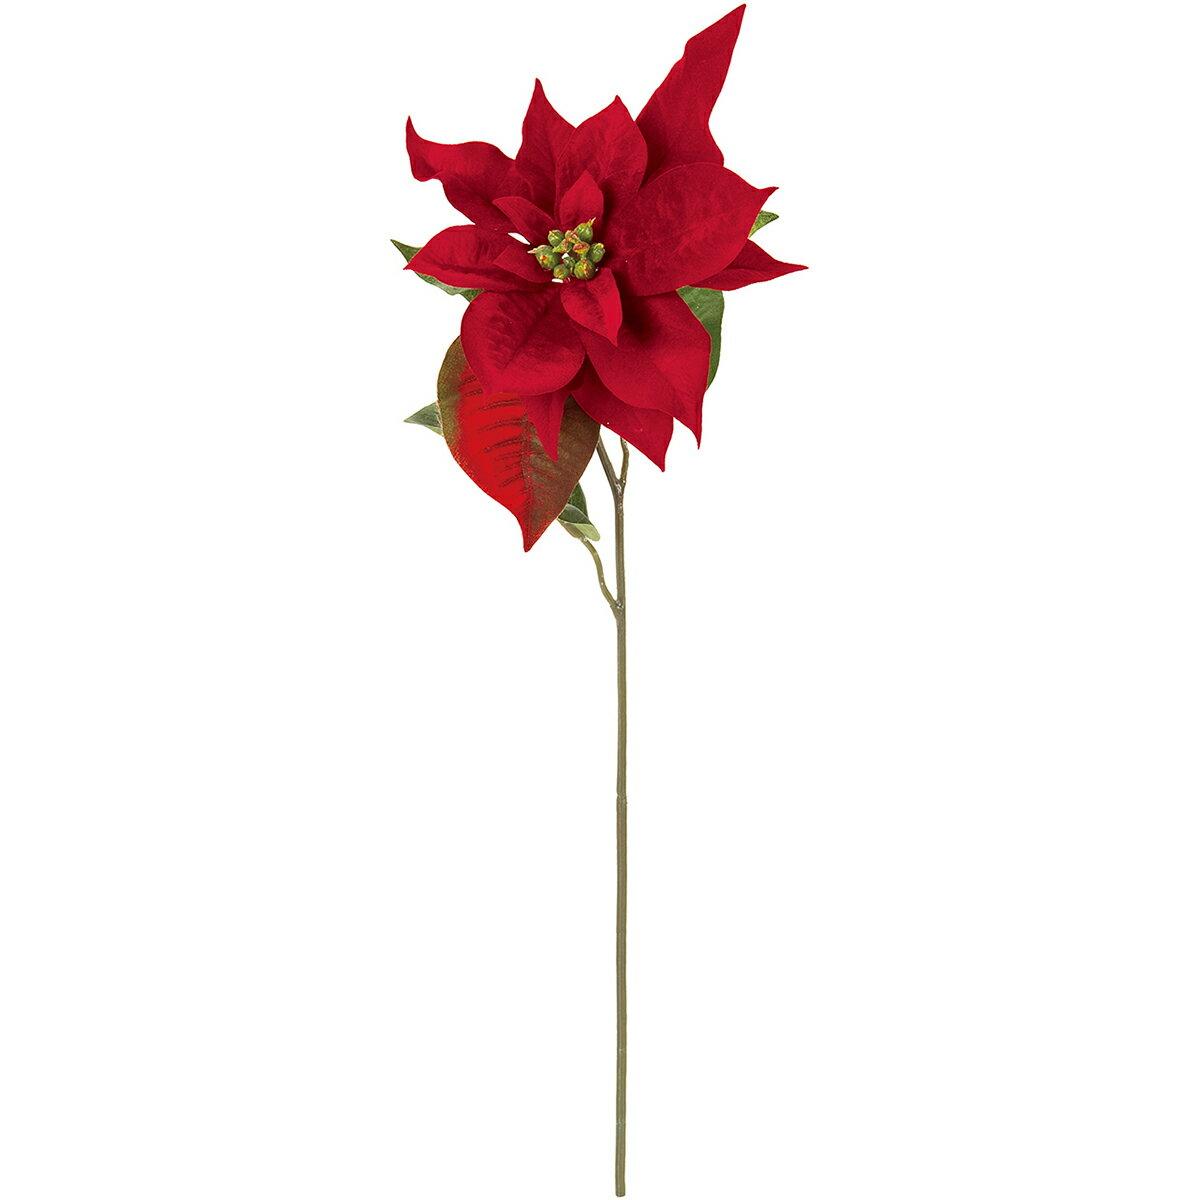 【造花】MAGIQ(東京堂)/ボヌールポインセチア #3 レッド/FX002786-003【01】【取寄】《 造花(アーティフィシャルフラワー) 造花 花材「は行」 ポインセチア 》